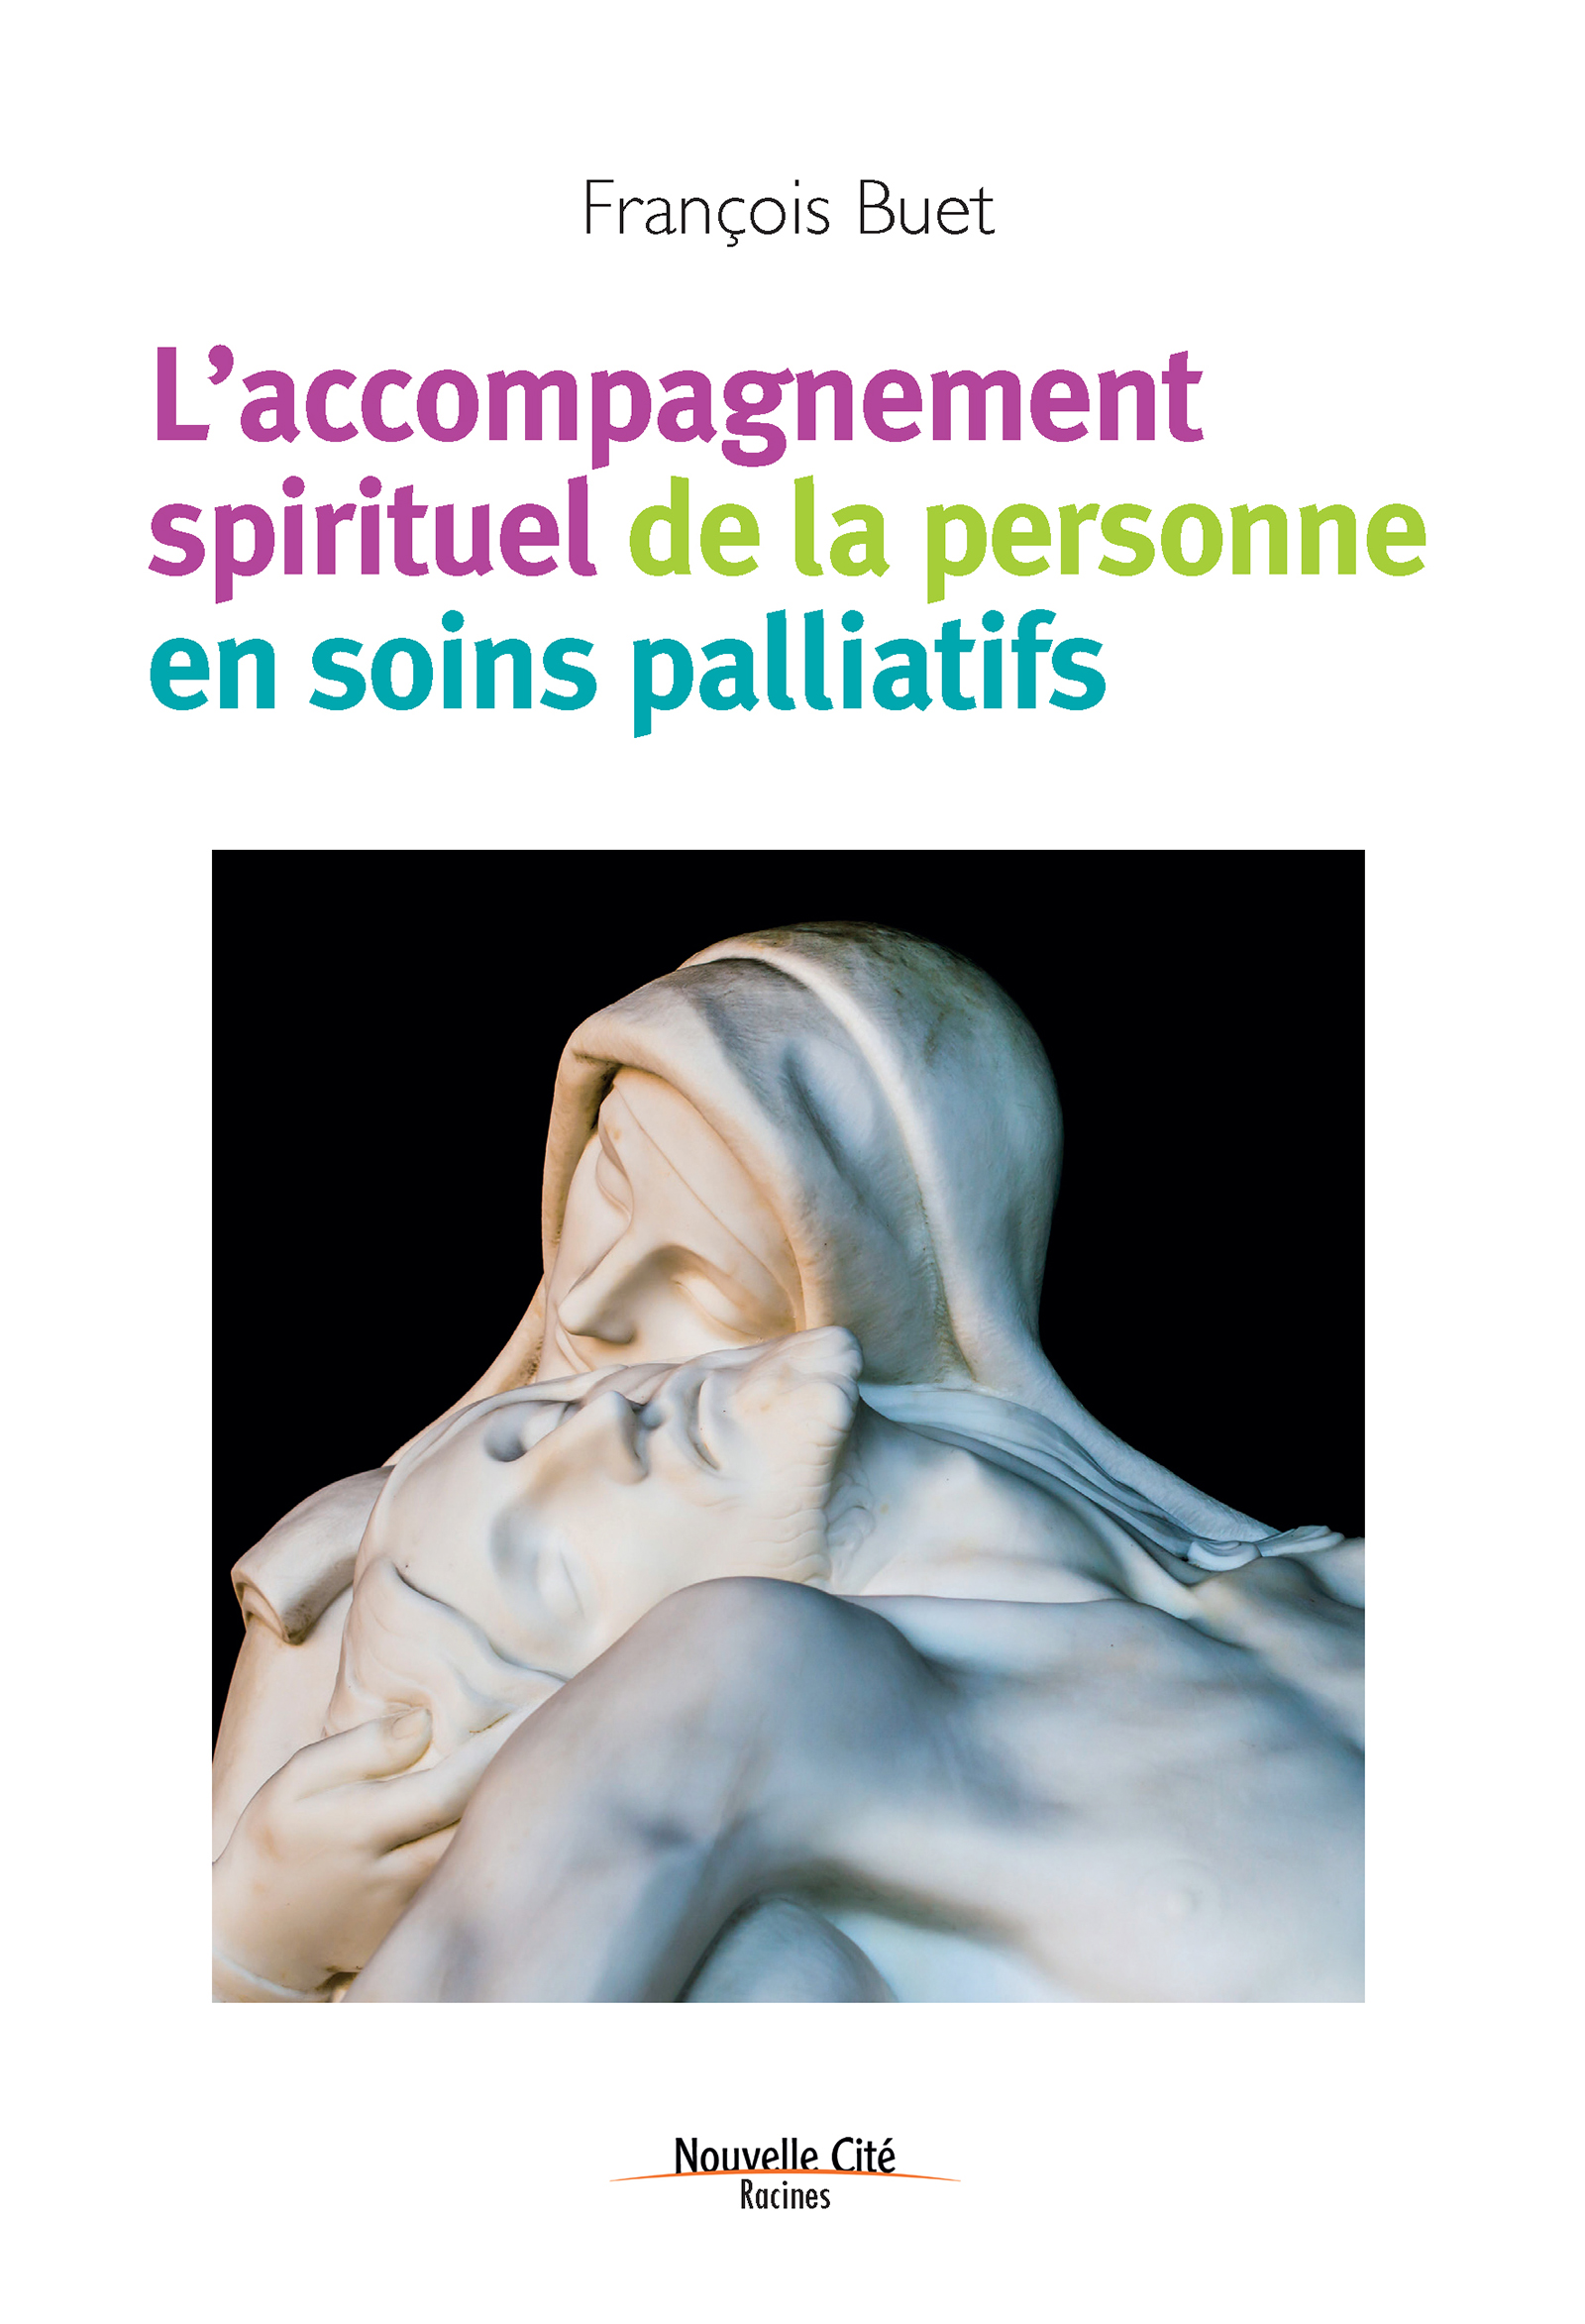 L'accompagnement spirituel de la personne en soins palliatifs